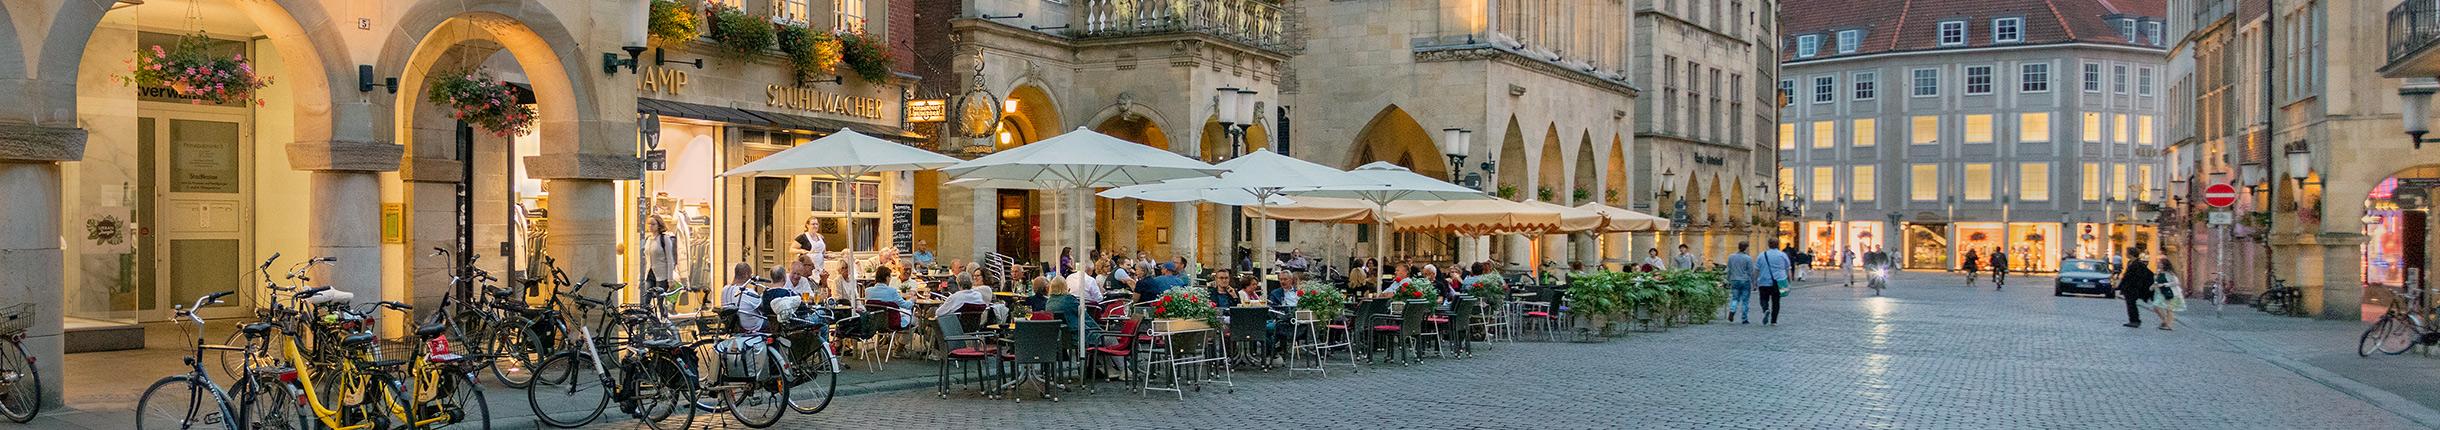 Stadt Münster: Ordnungsamt - Herzlich Willkommen! - Startseite